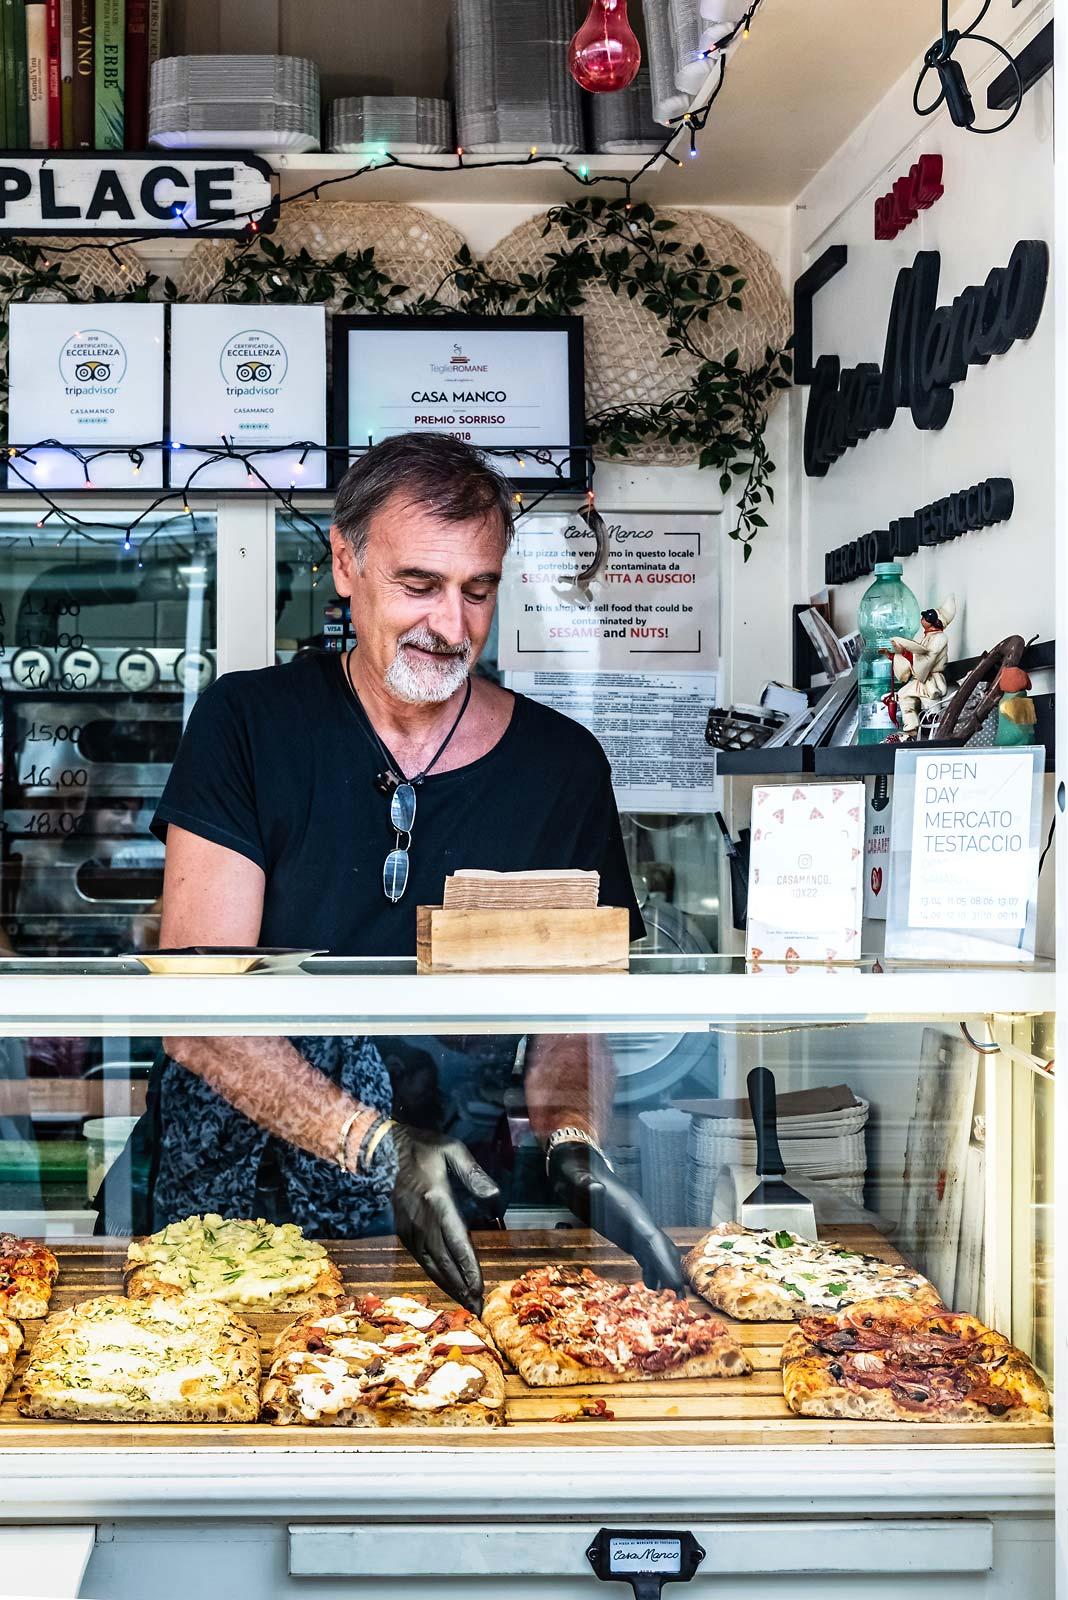 mercato di testaccio roma